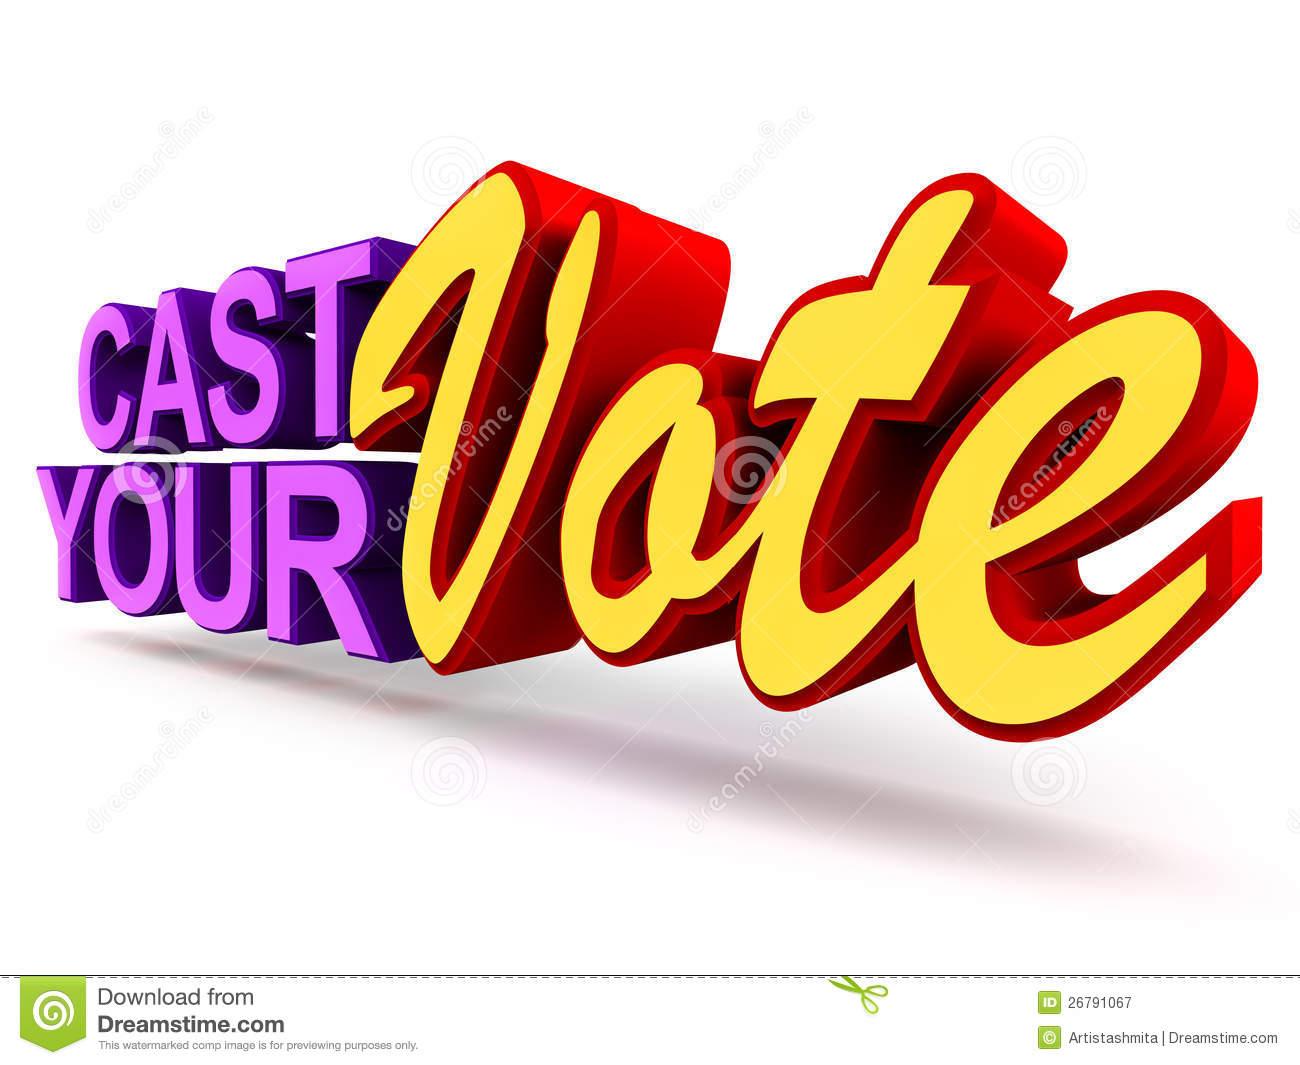 2777 Vote free clipart.